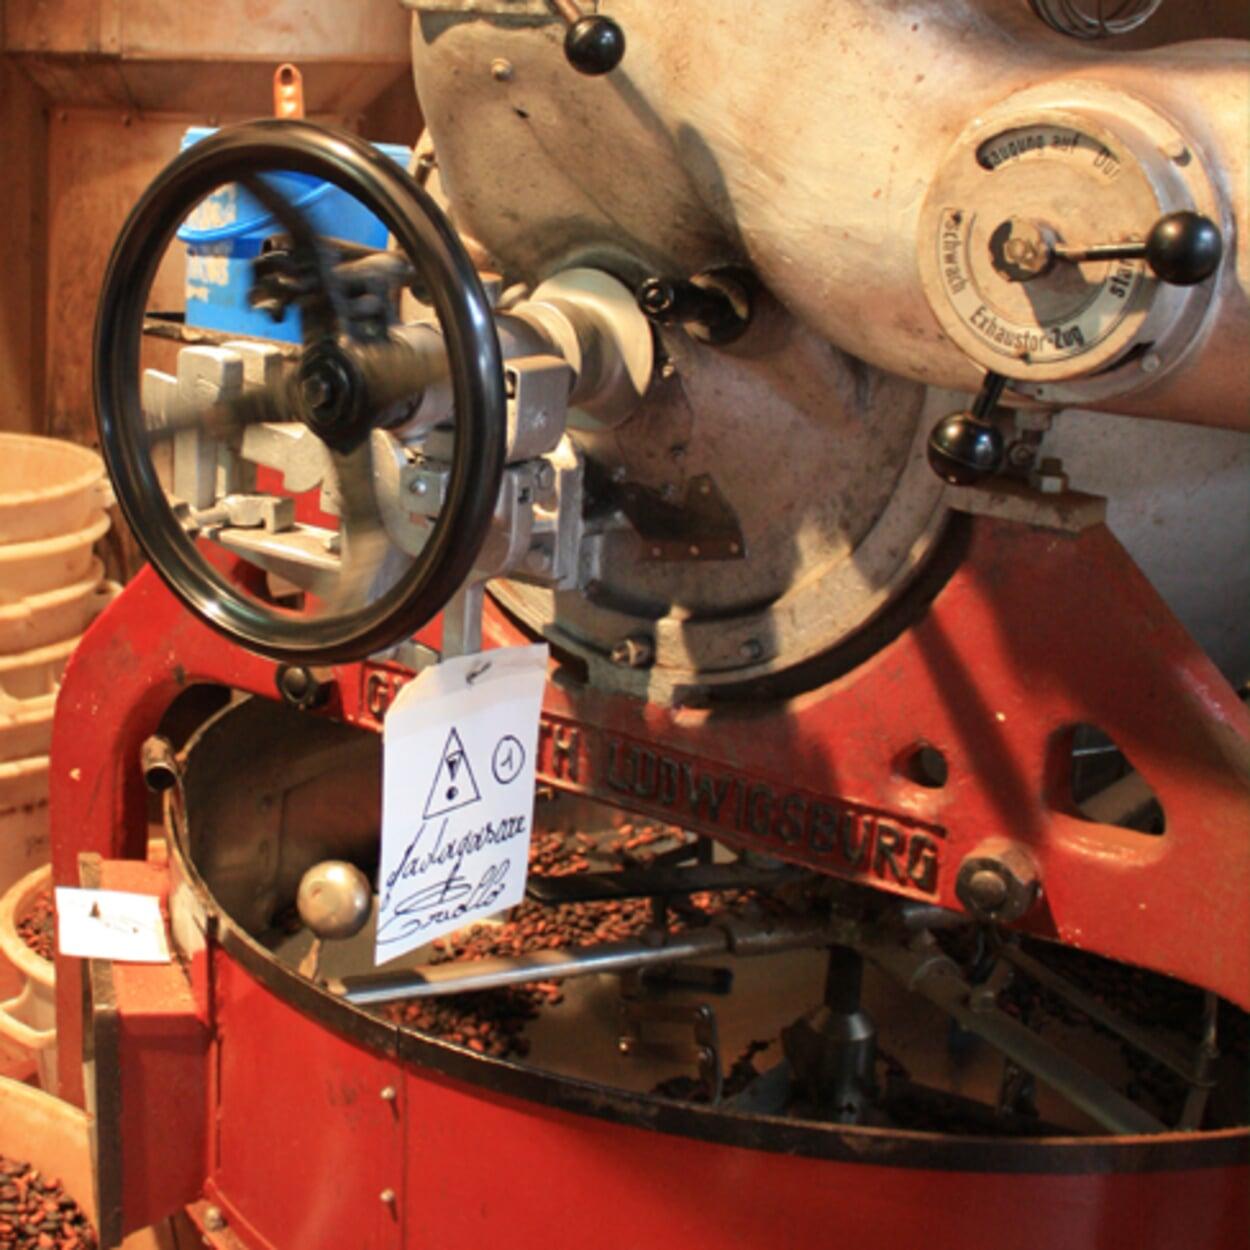 Schokoladenherstellung mit traditionellen Maschinen